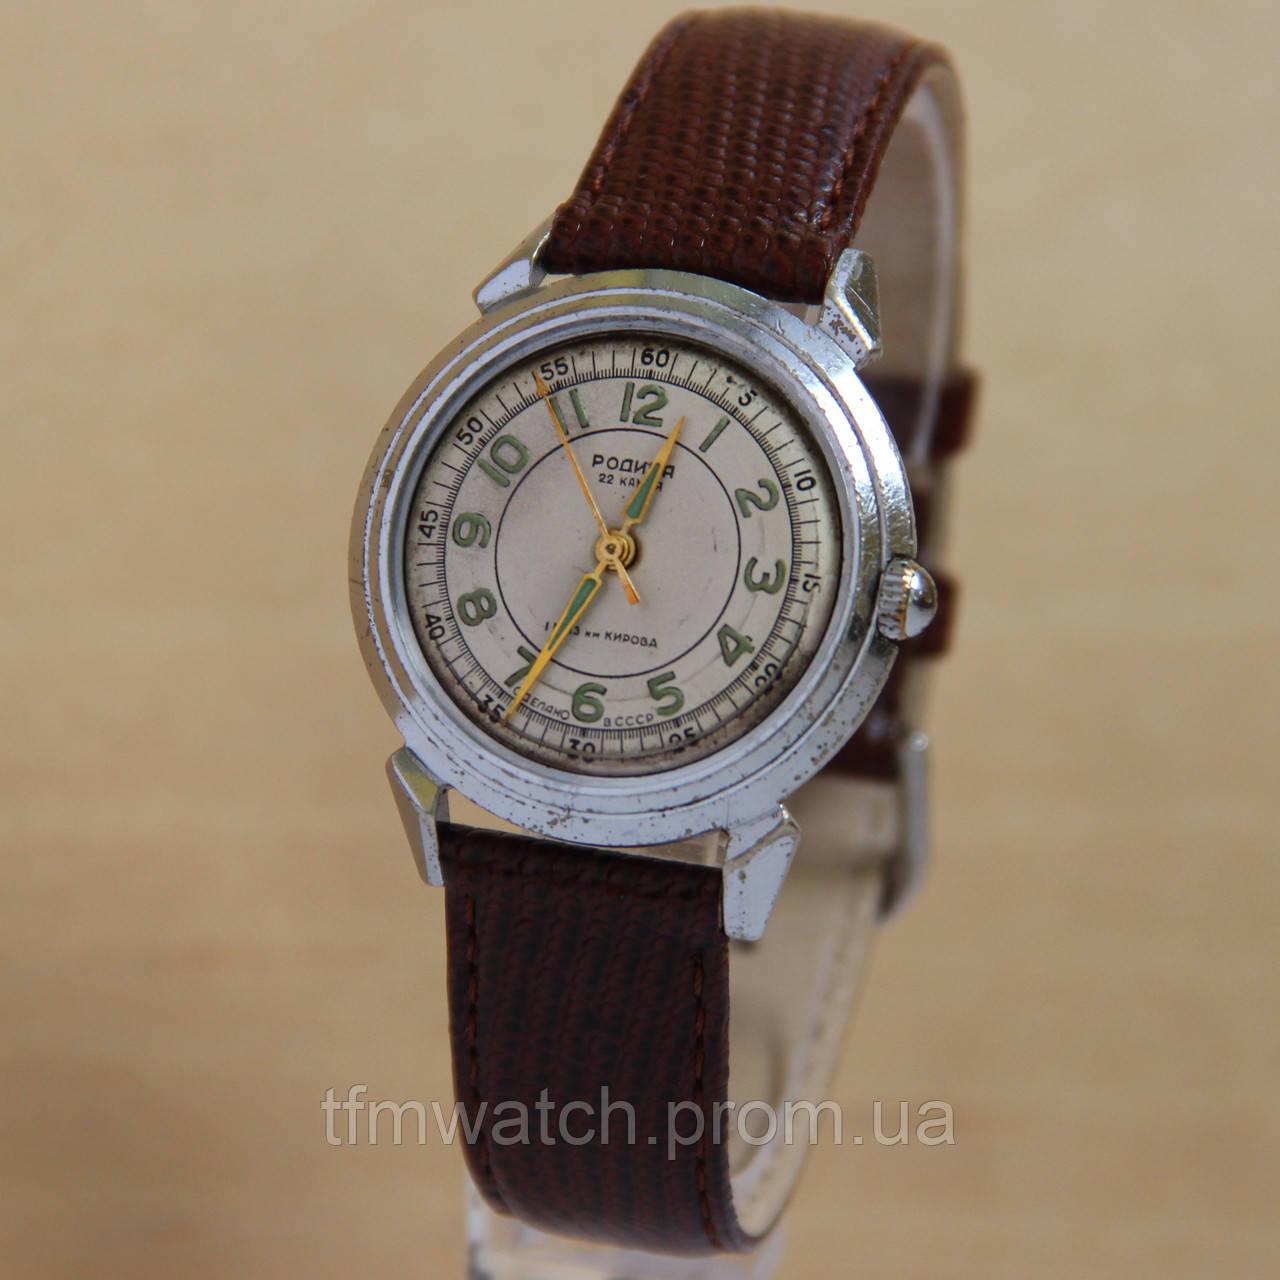 Часы мчз им кирова купить купить часы aeromatic в москве